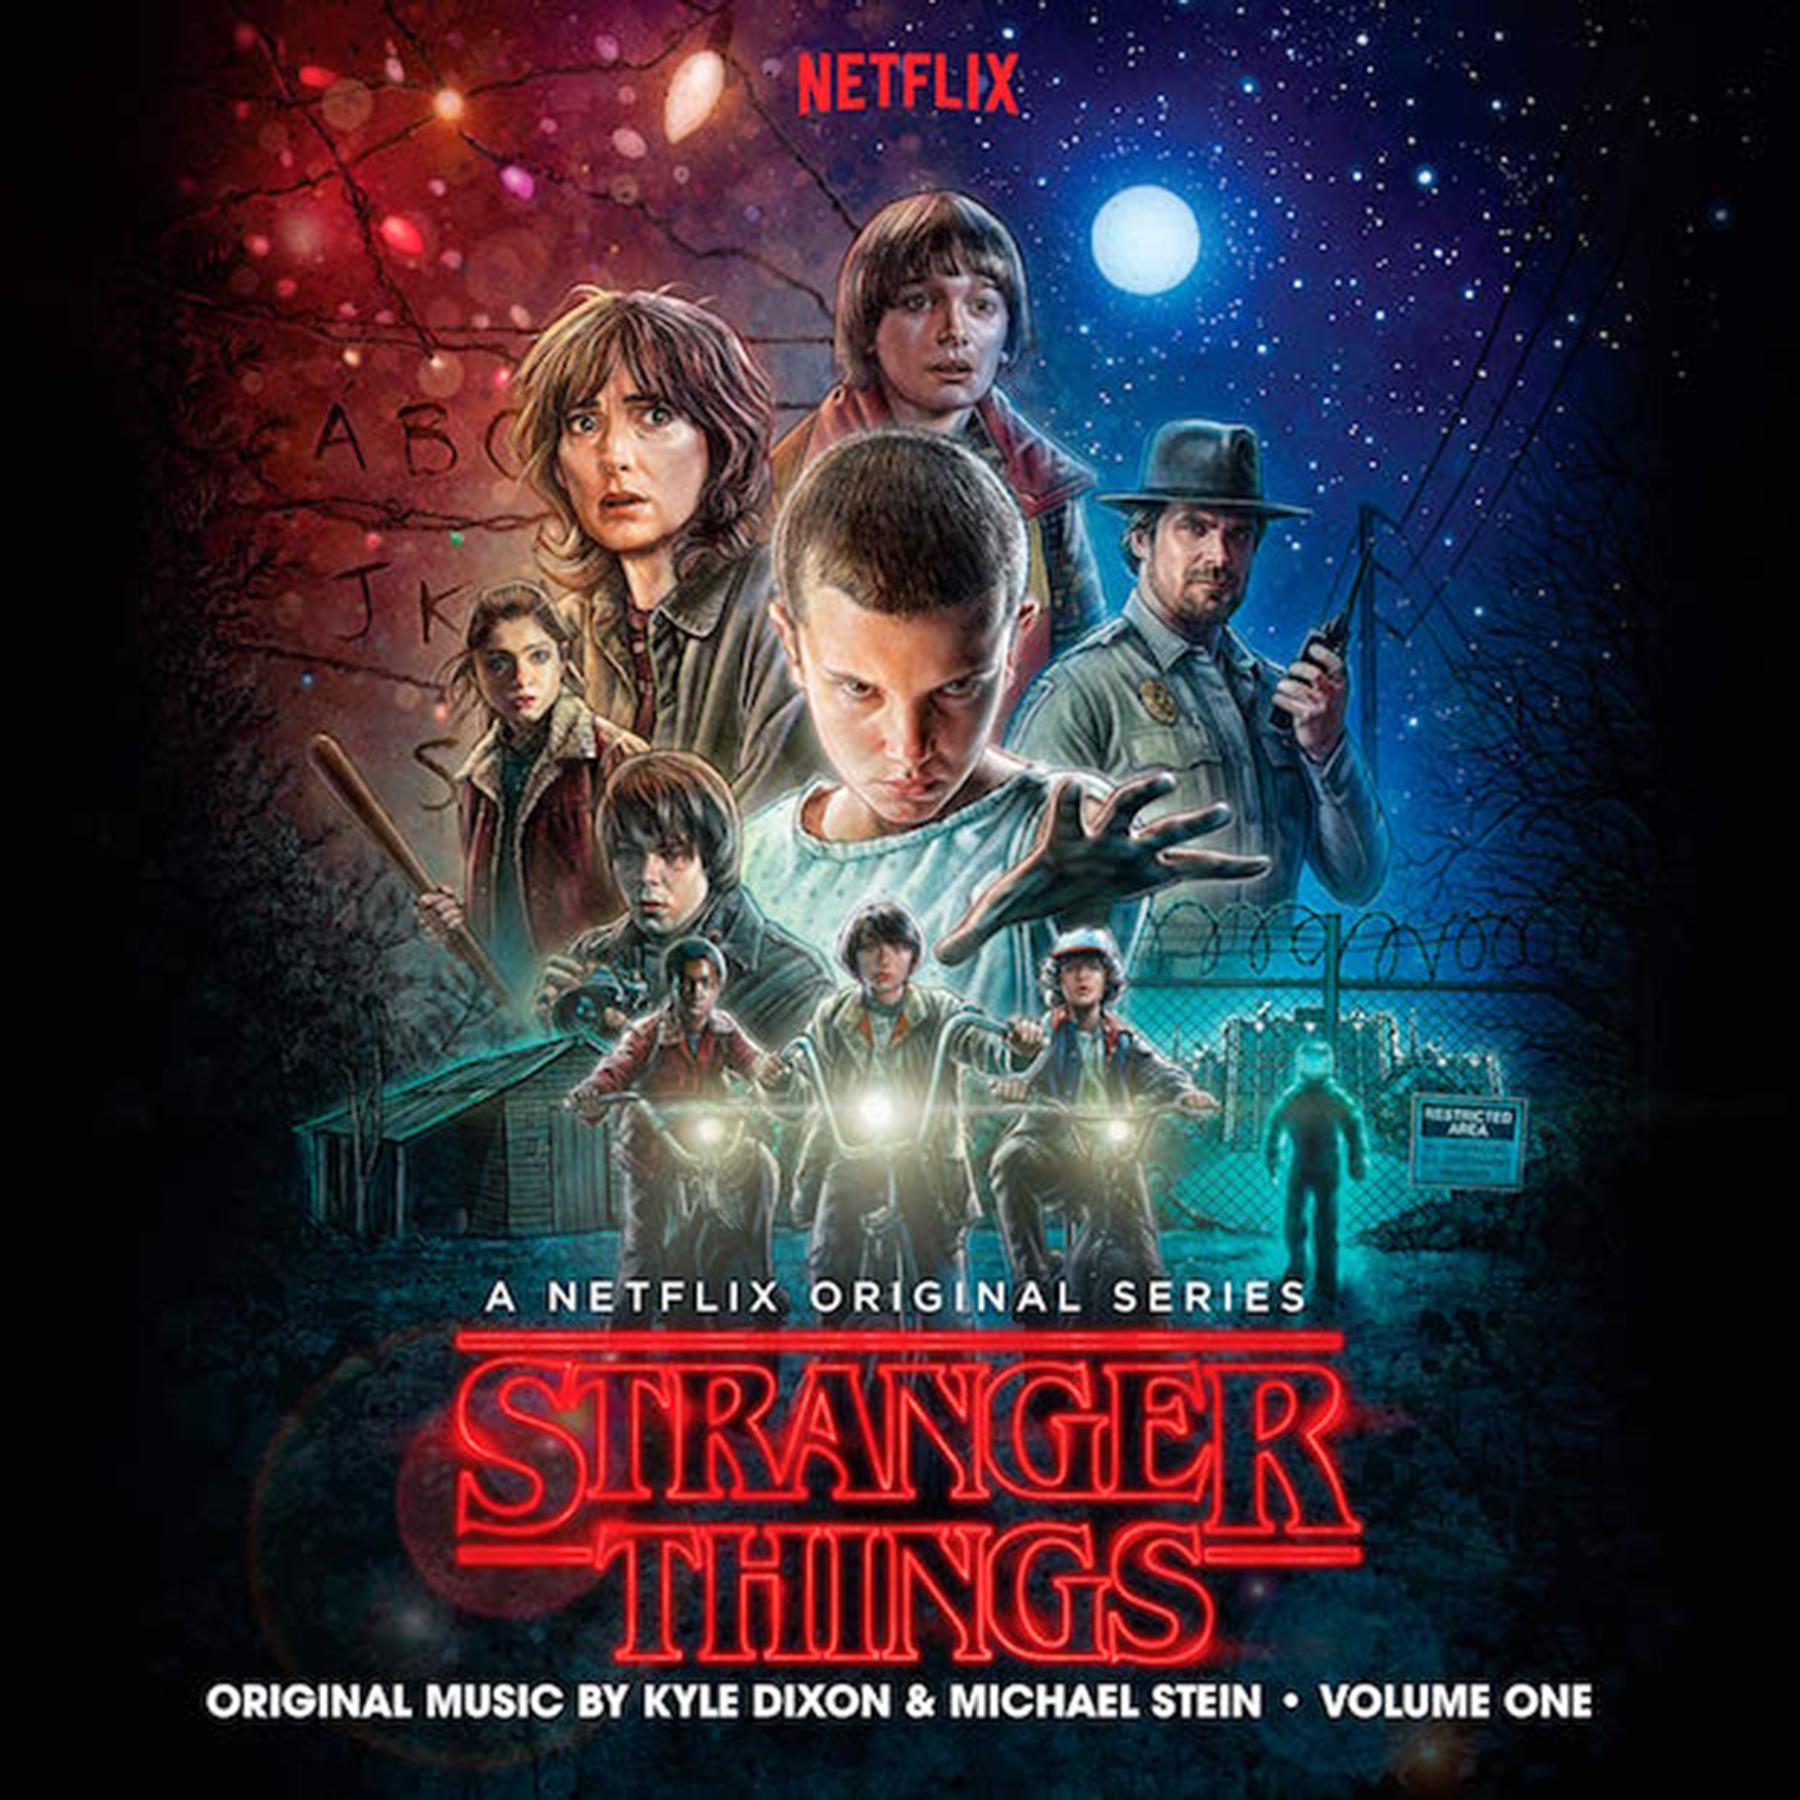 Stranger Things (2016) Album Soundtrack